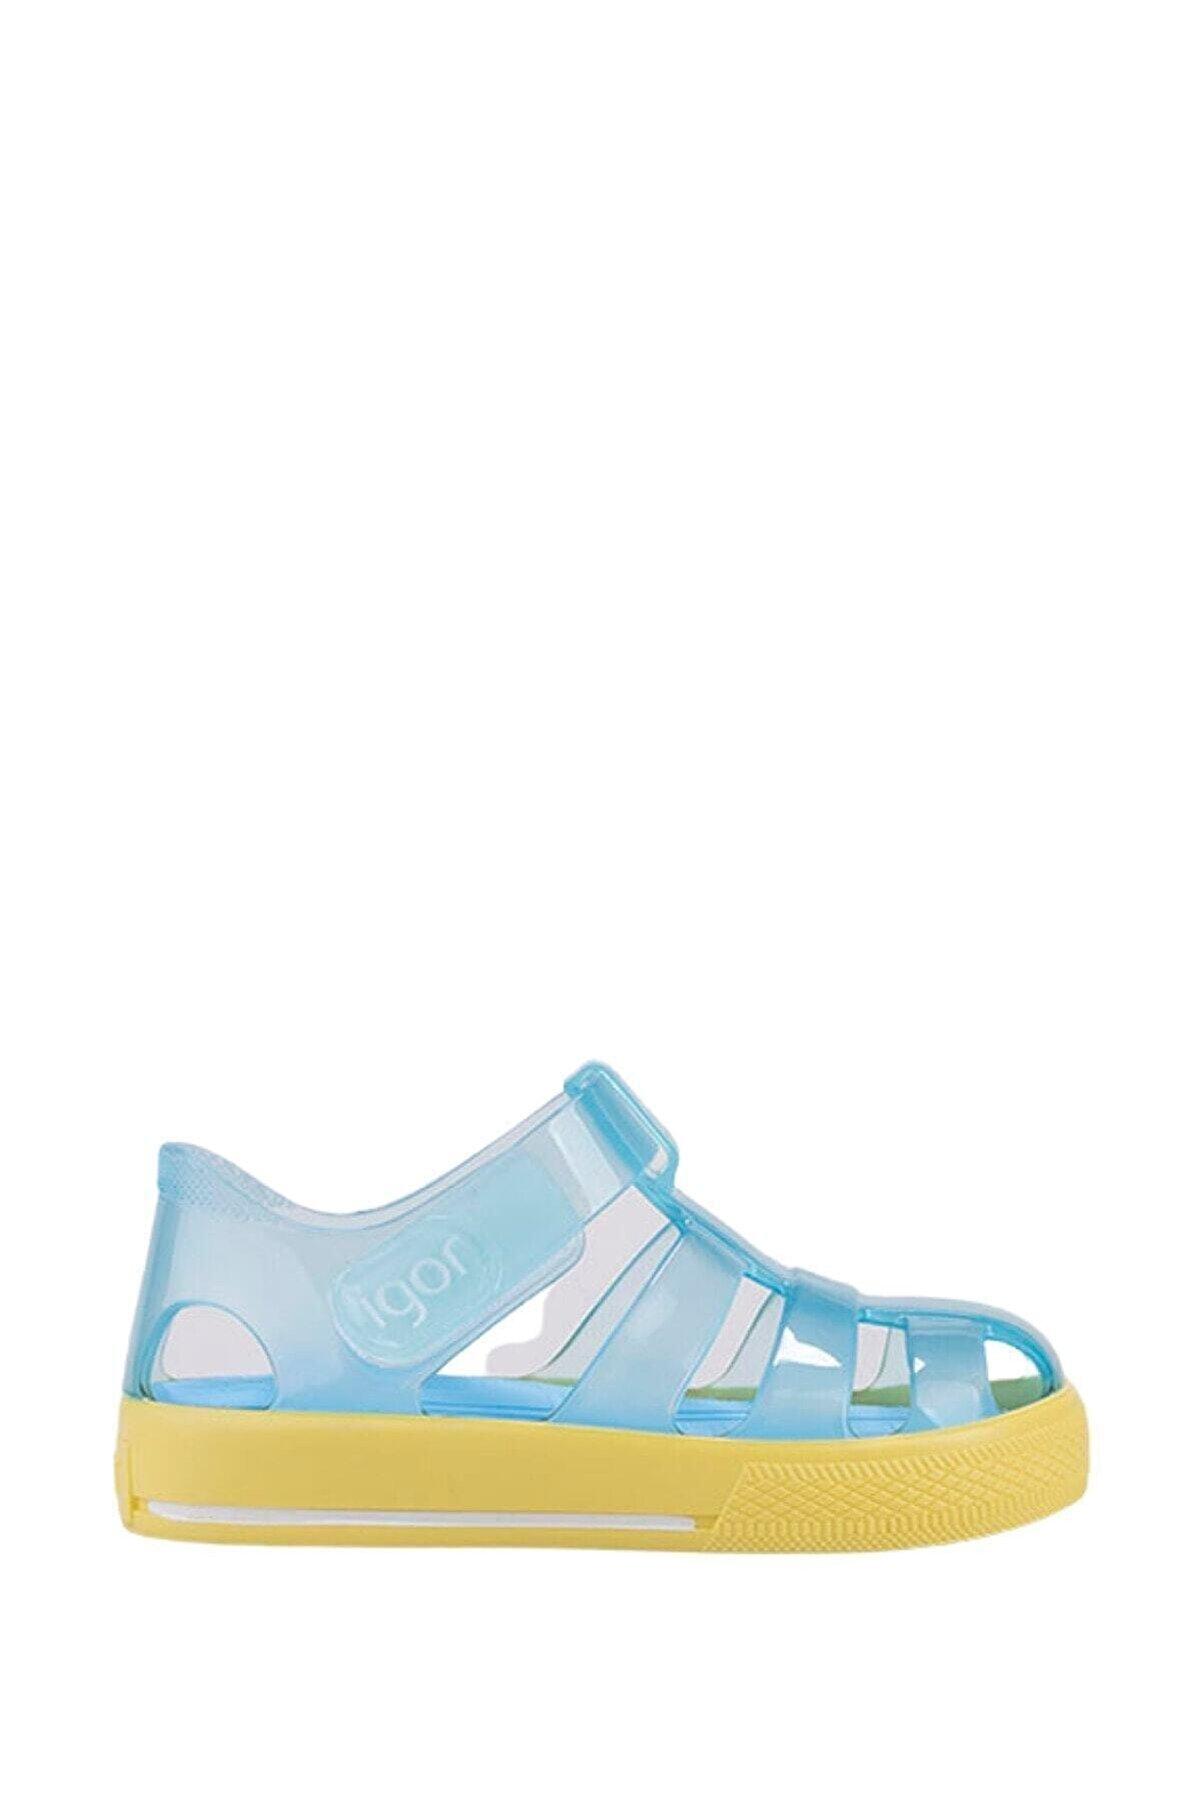 IGOR Unisex Çocuk Mavi Sandalet